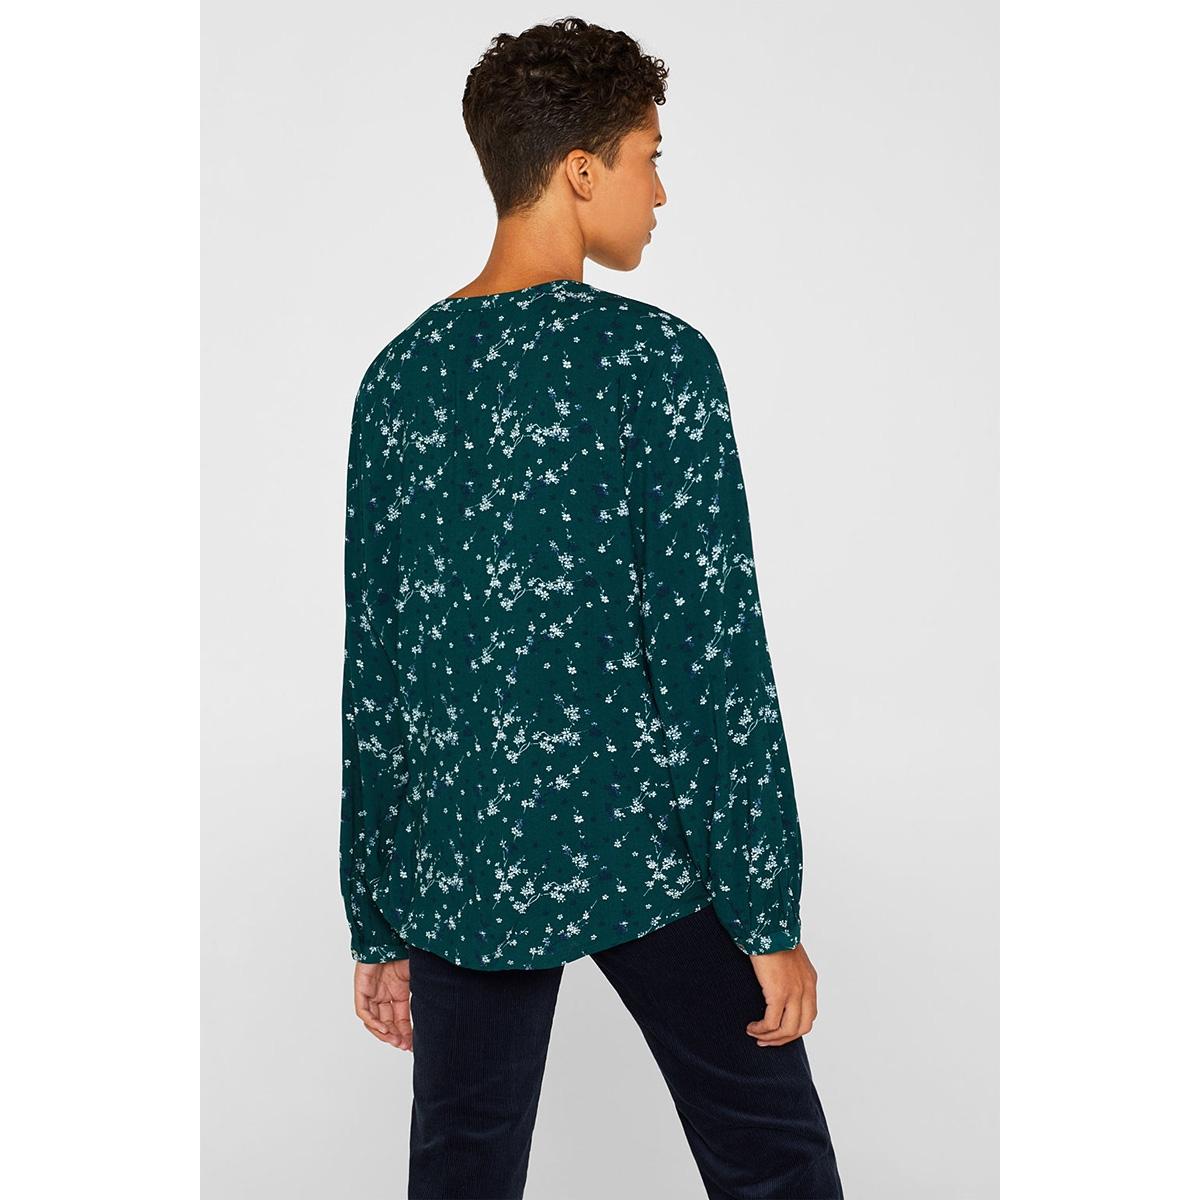 blouse met print en lenzing ecovero 109ee1f002 esprit blouse e375